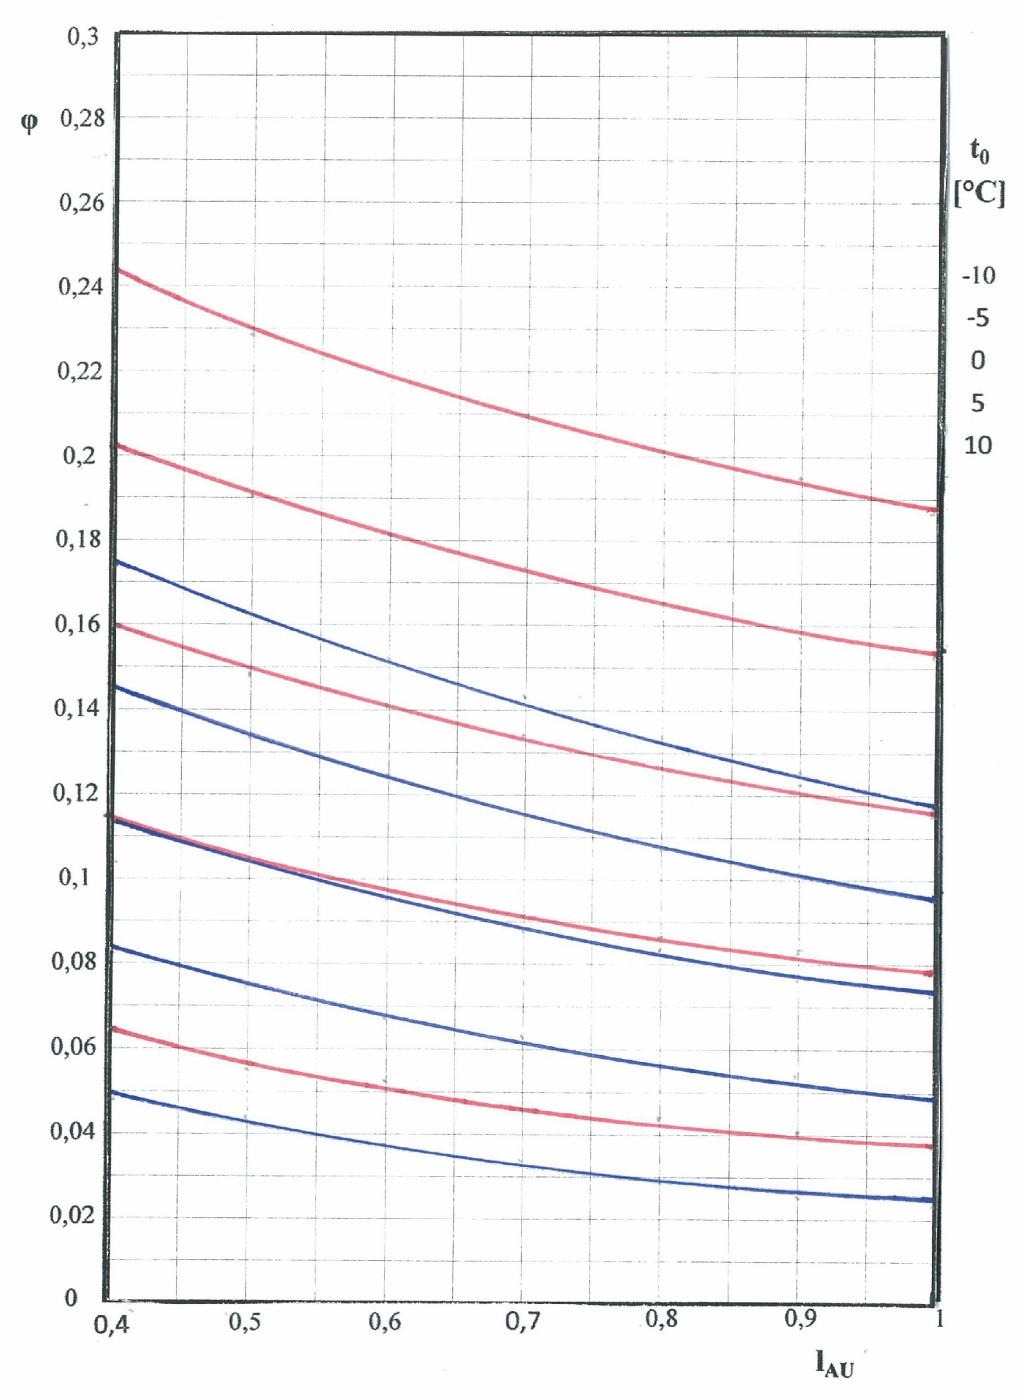 Gütegrad einer Luftkonditionierung, Befeuchtung mit Dampf, Wärmerückgewinnung rekuperativ (blau), regenerativ (rot) (YW = 0,7, YF = 0,6, h = 0,85) Bild: Lillich